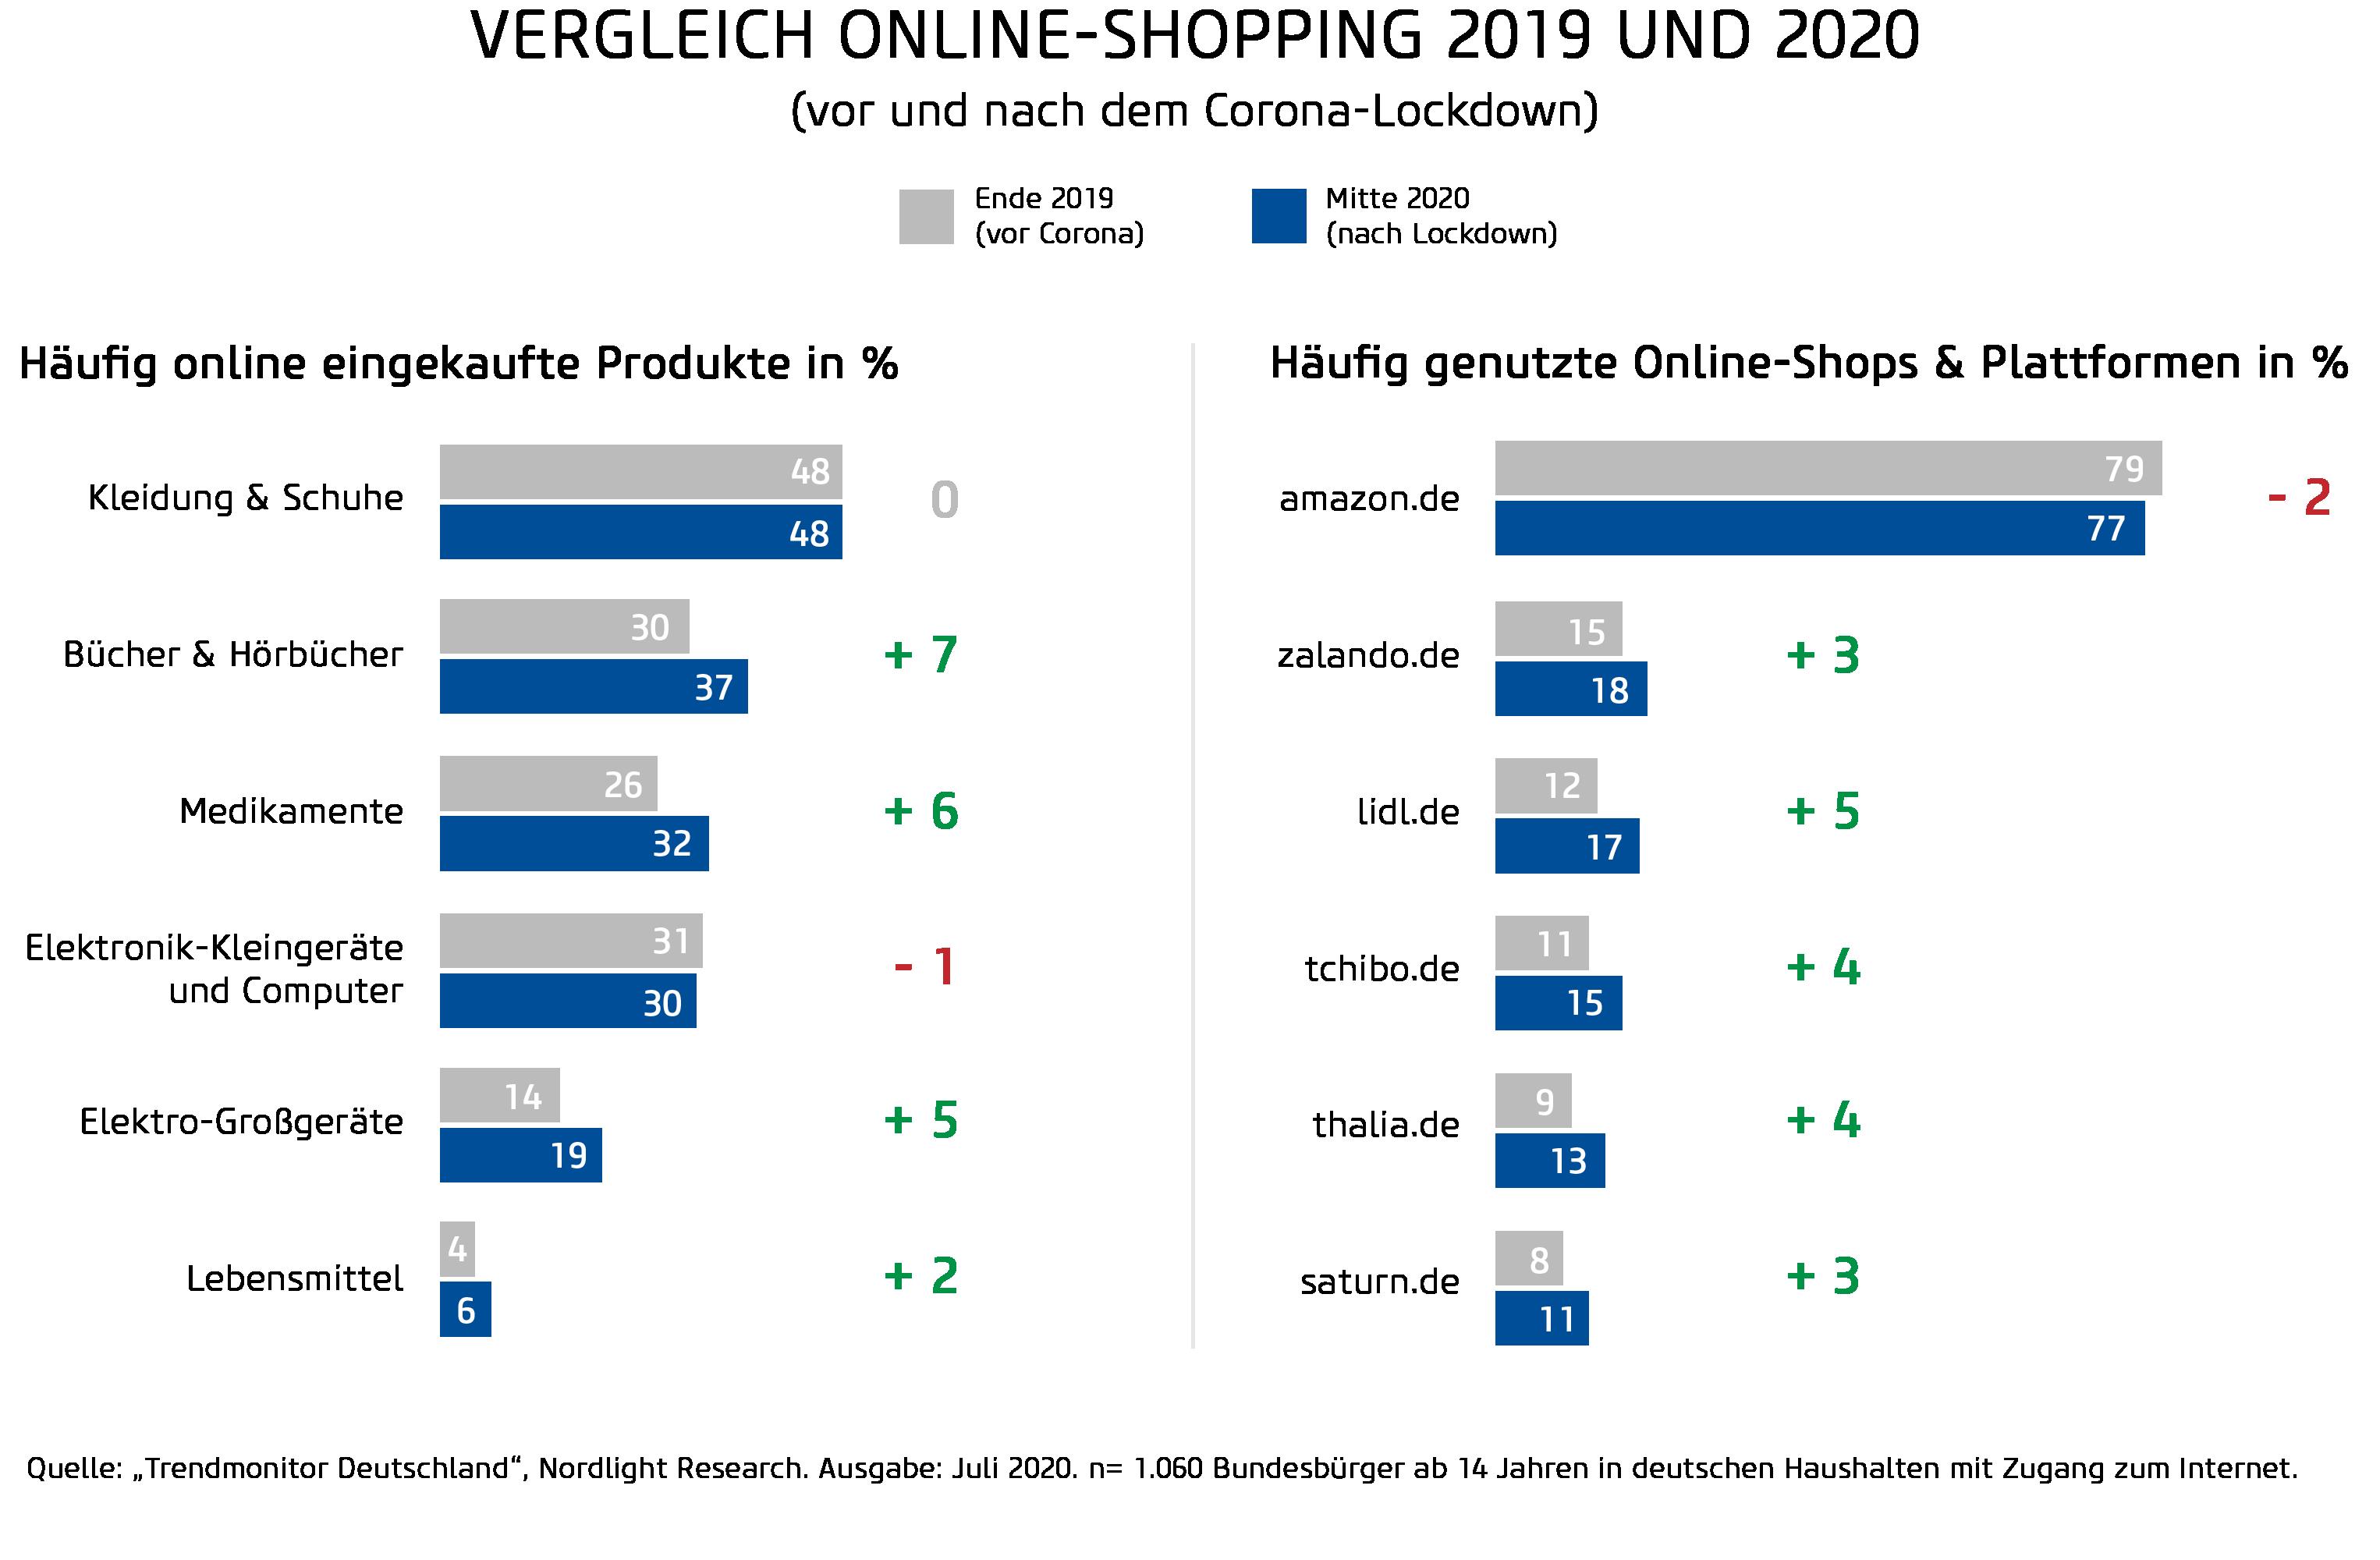 Vergleich Online-Shopping 2019 und 2020